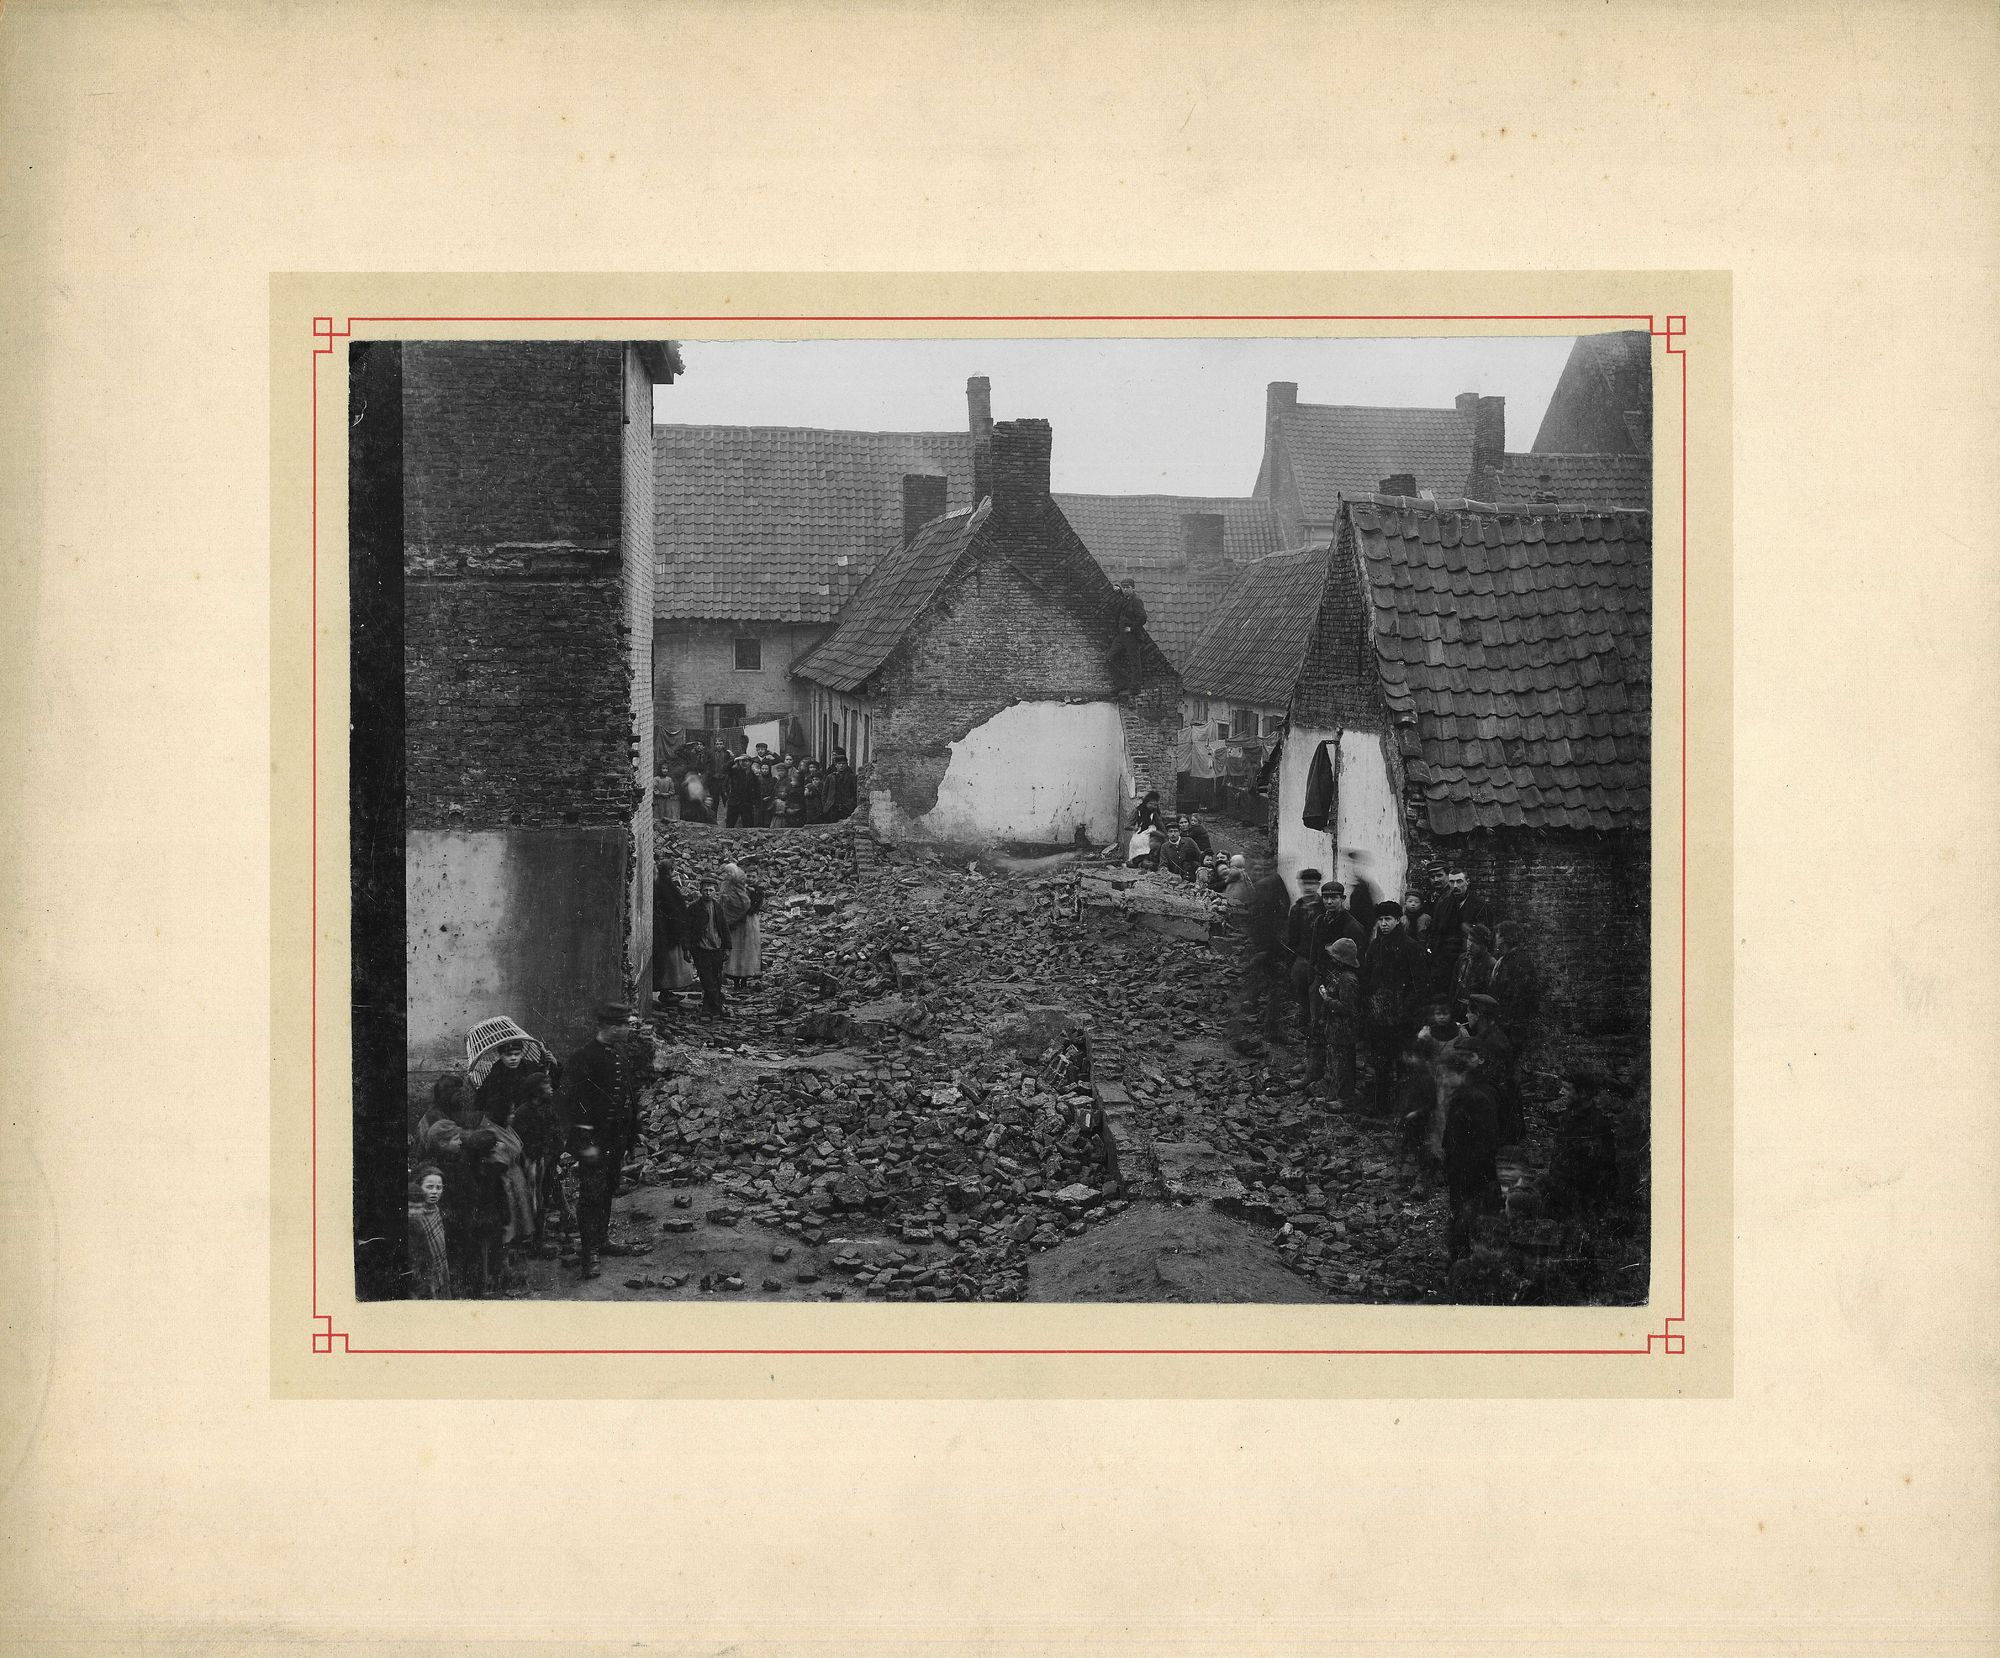 Koekstraat in 1897